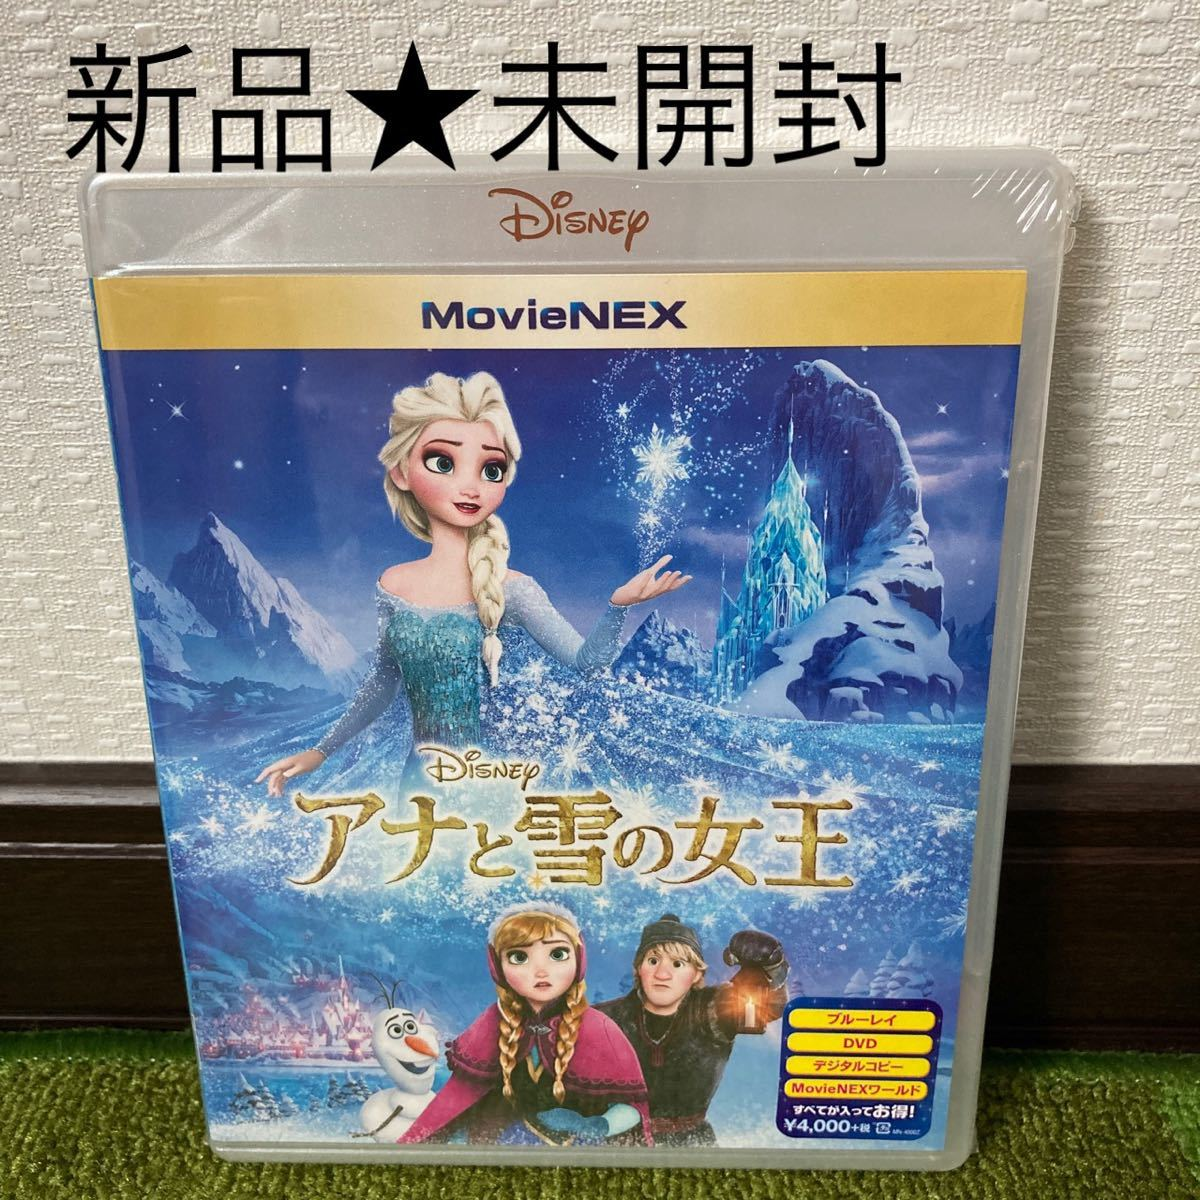 雪の女王 MovieNEX ブルーレイ DVD 新品未開封! ディズニー 廃盤